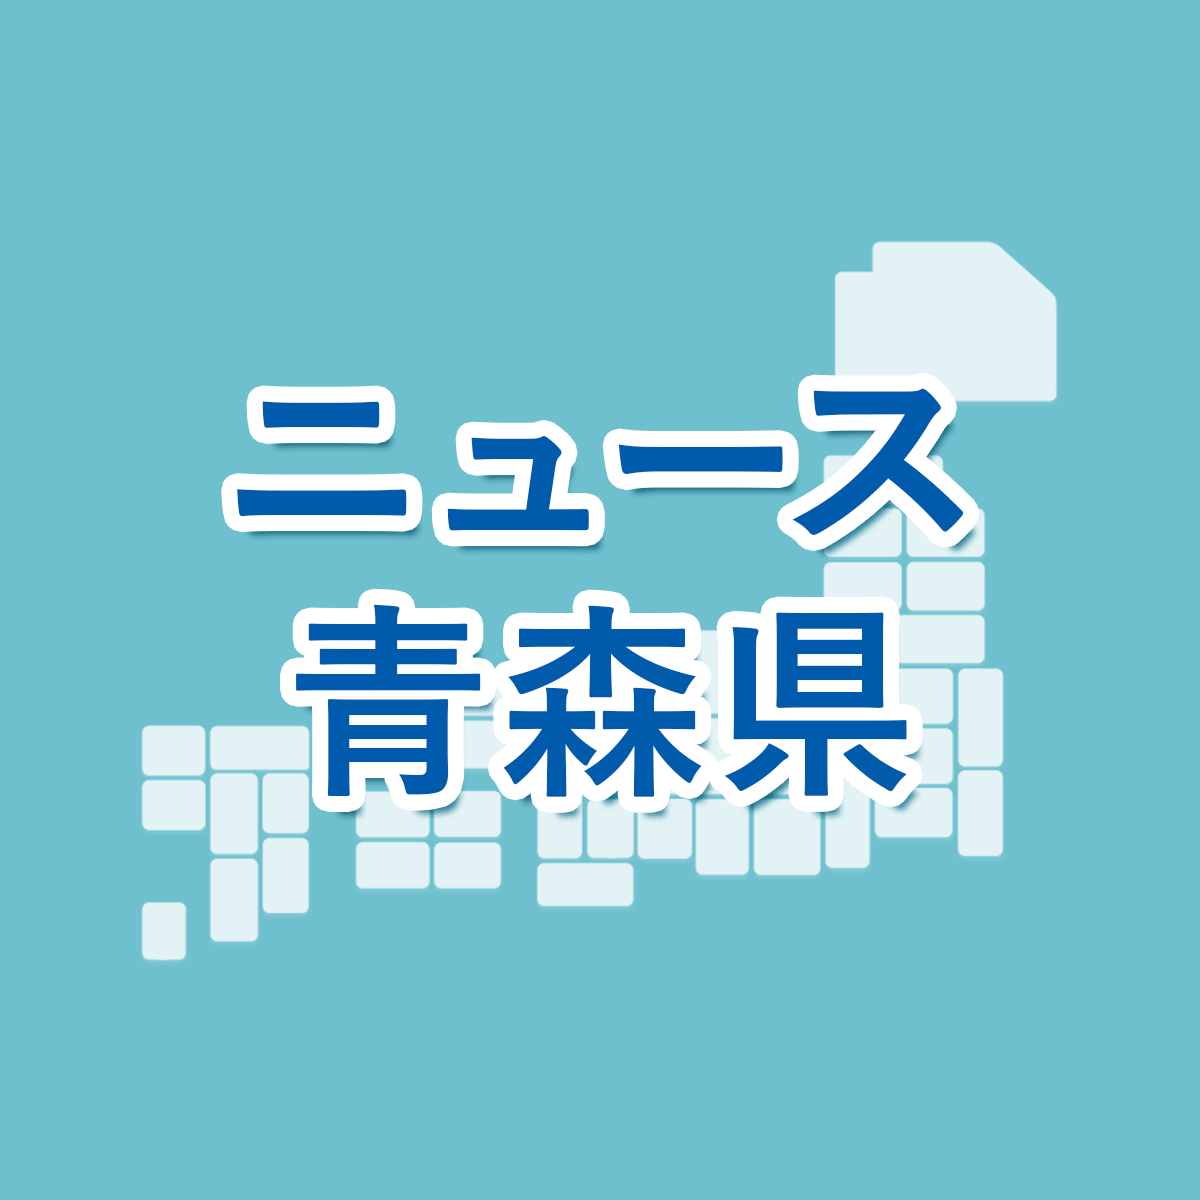 休校 静岡 高校 県 県立